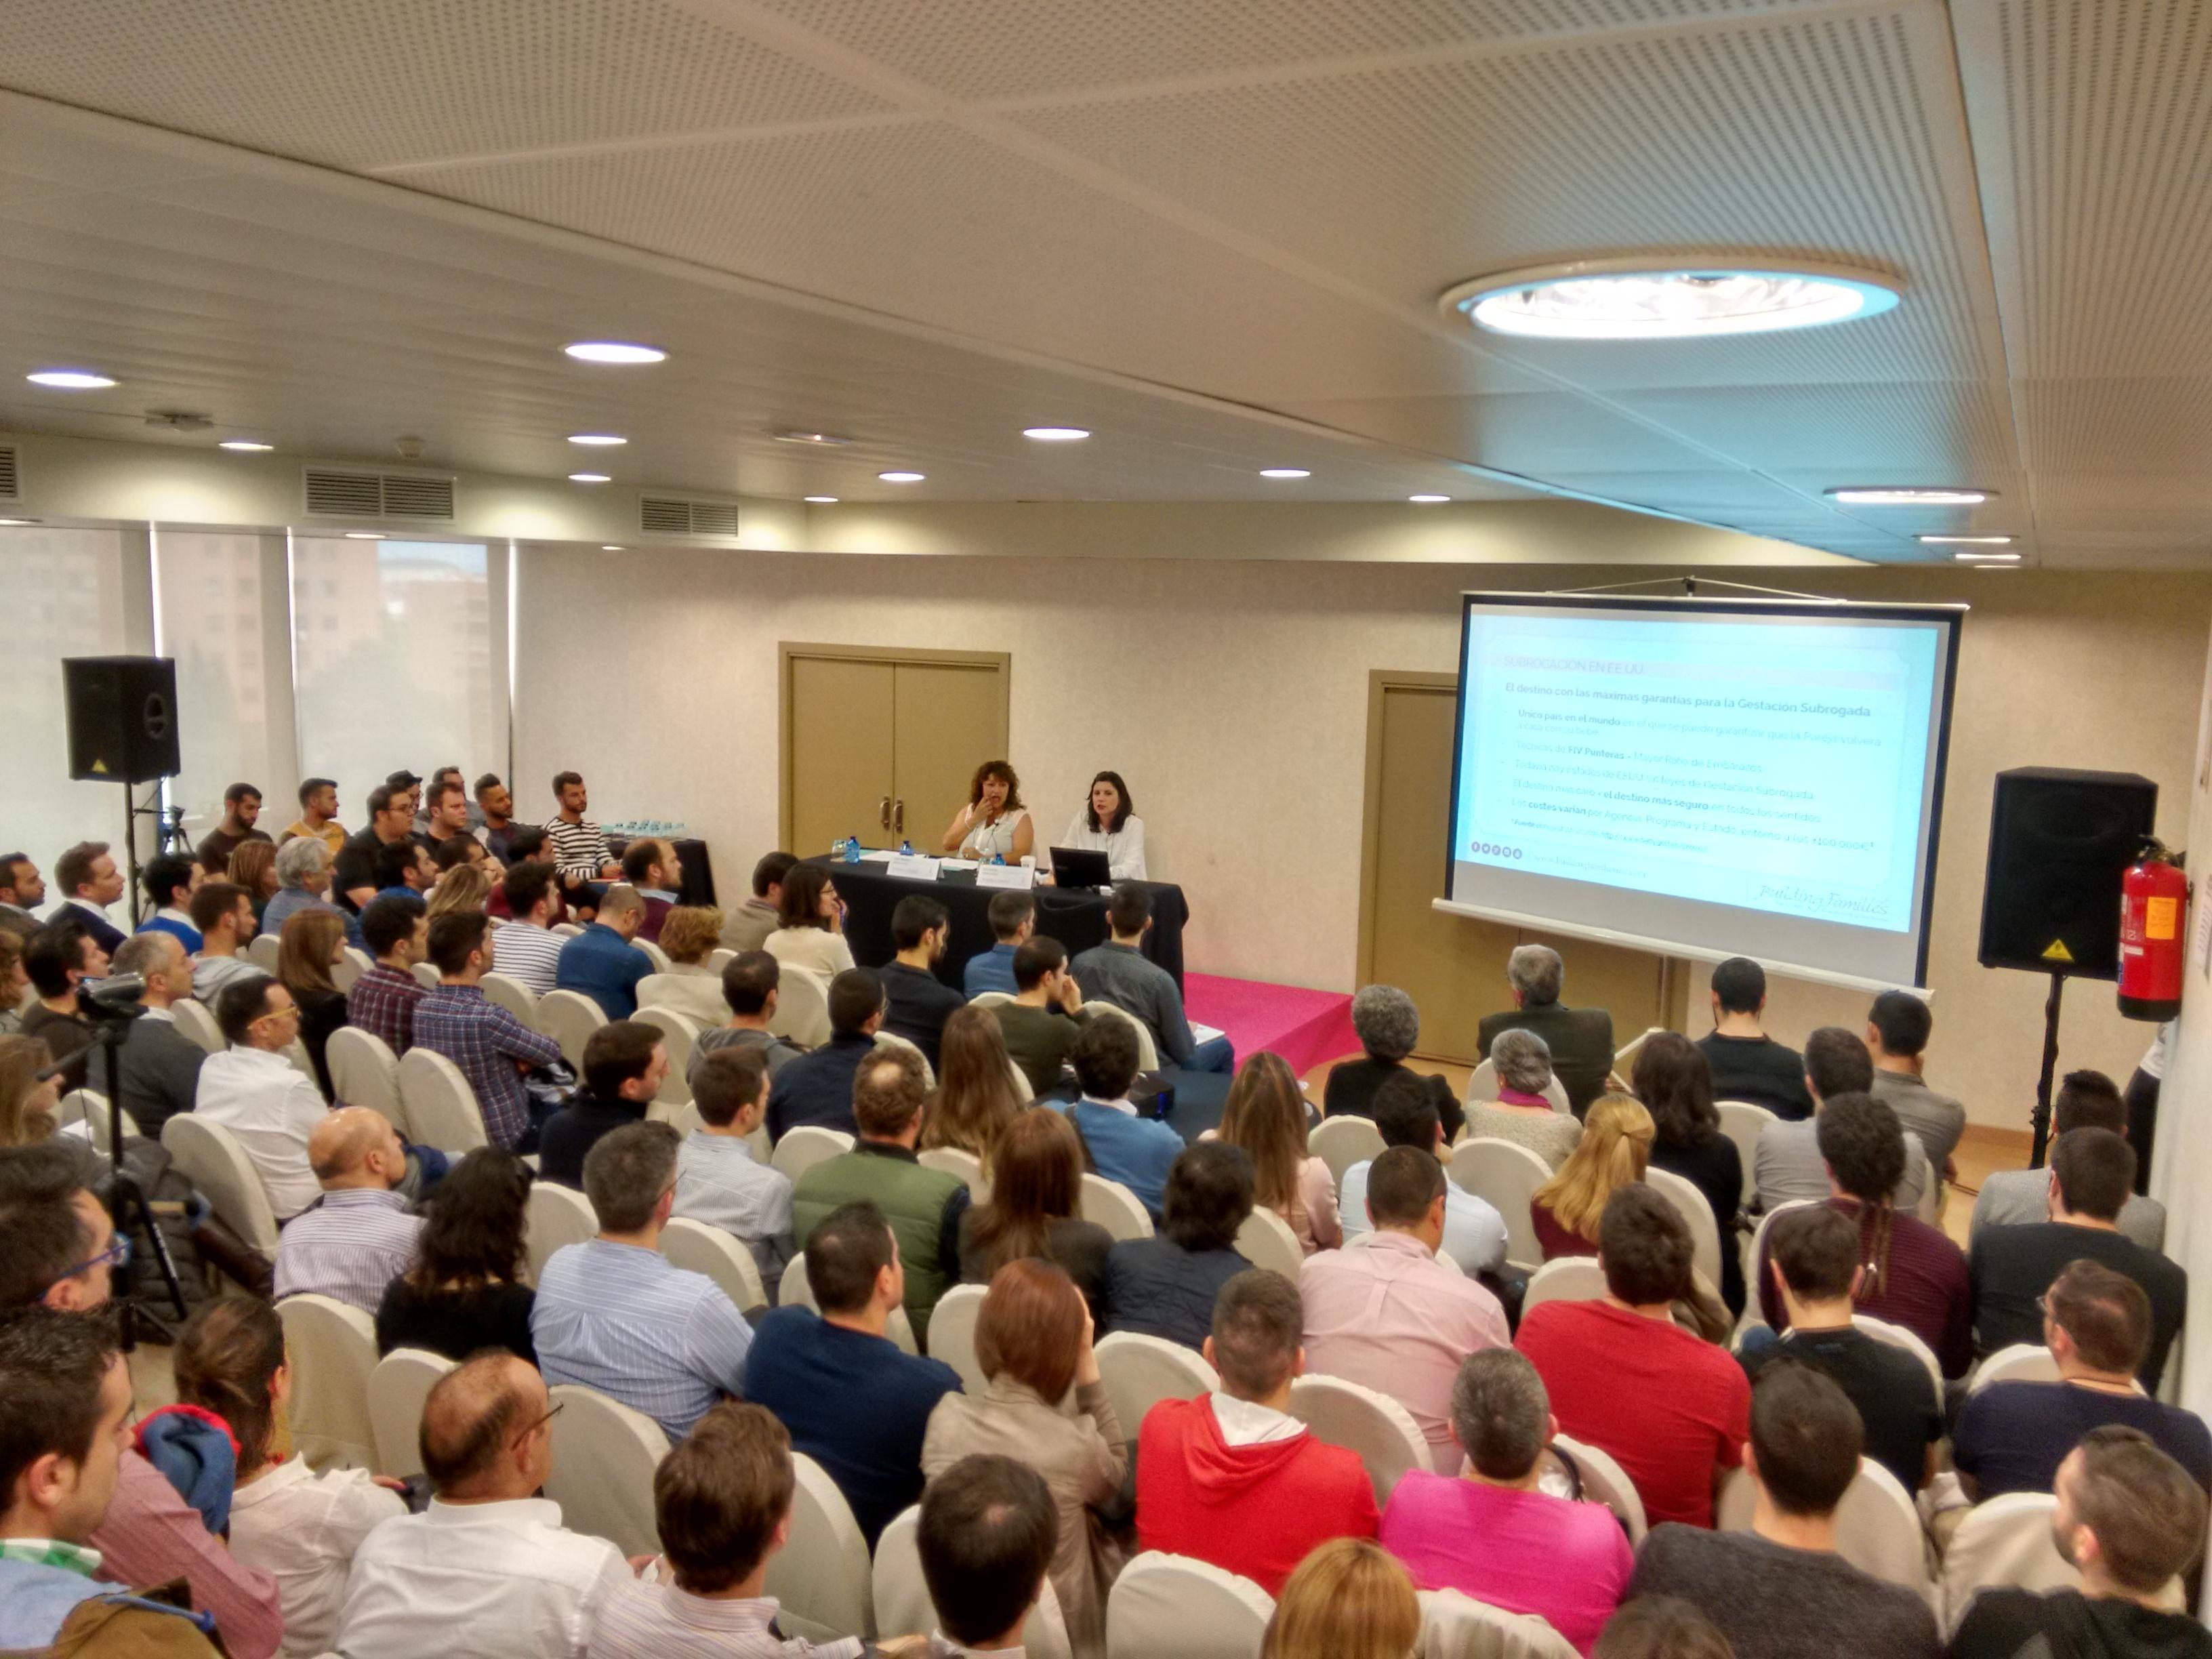 Madrid Mayo 2016, Ponencia de Building Families en Madrid ante más de 250 personas